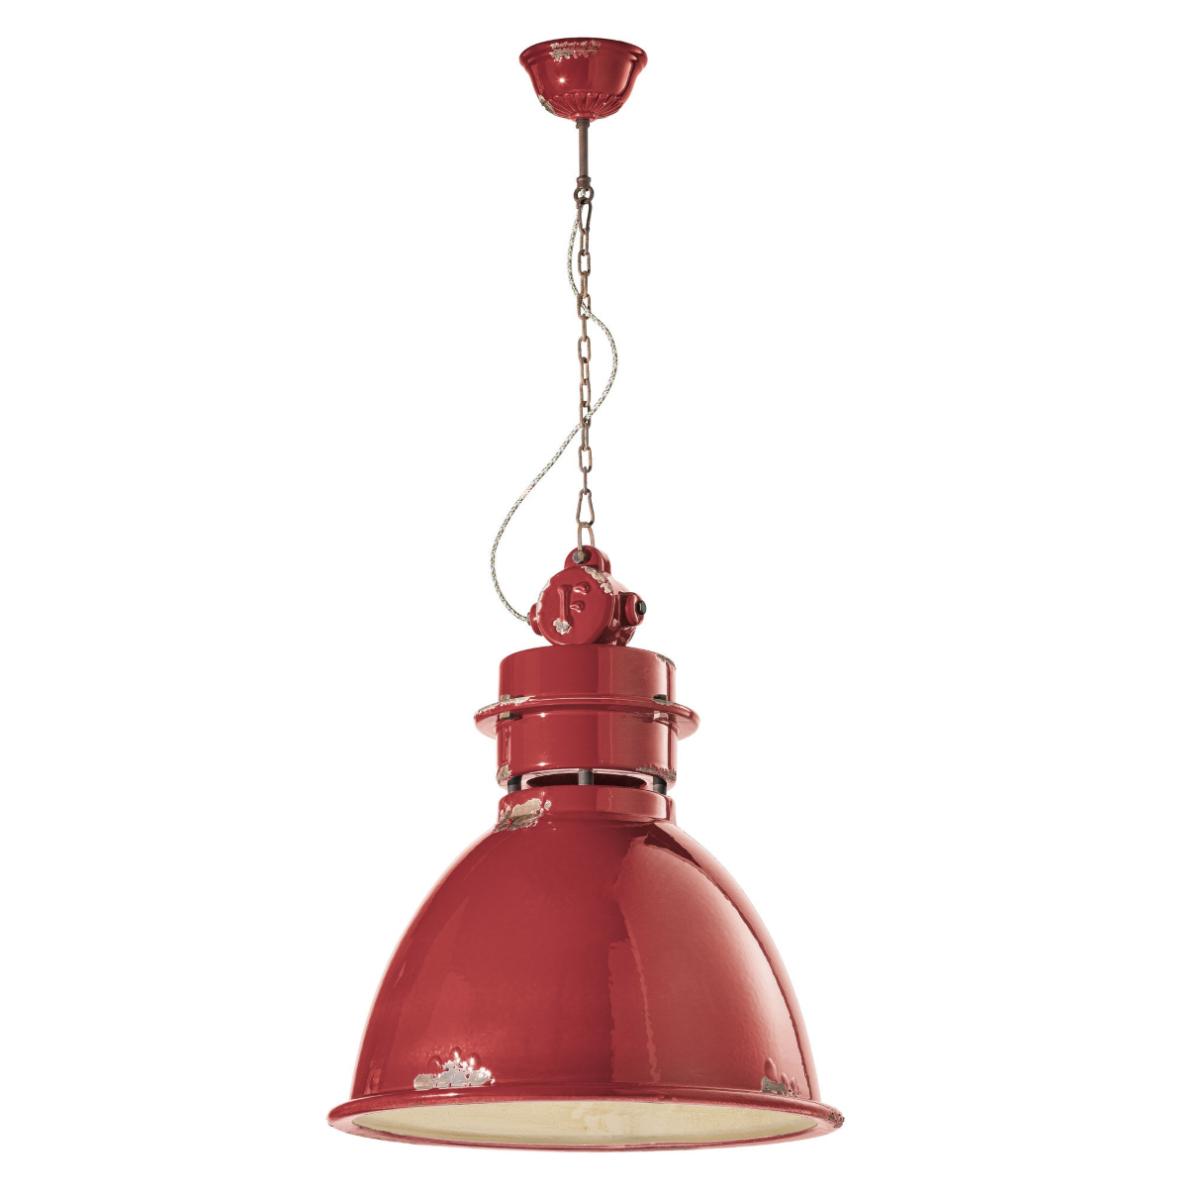 גוף תאורה בסגנון אורבני – בצבע אדום C-1750